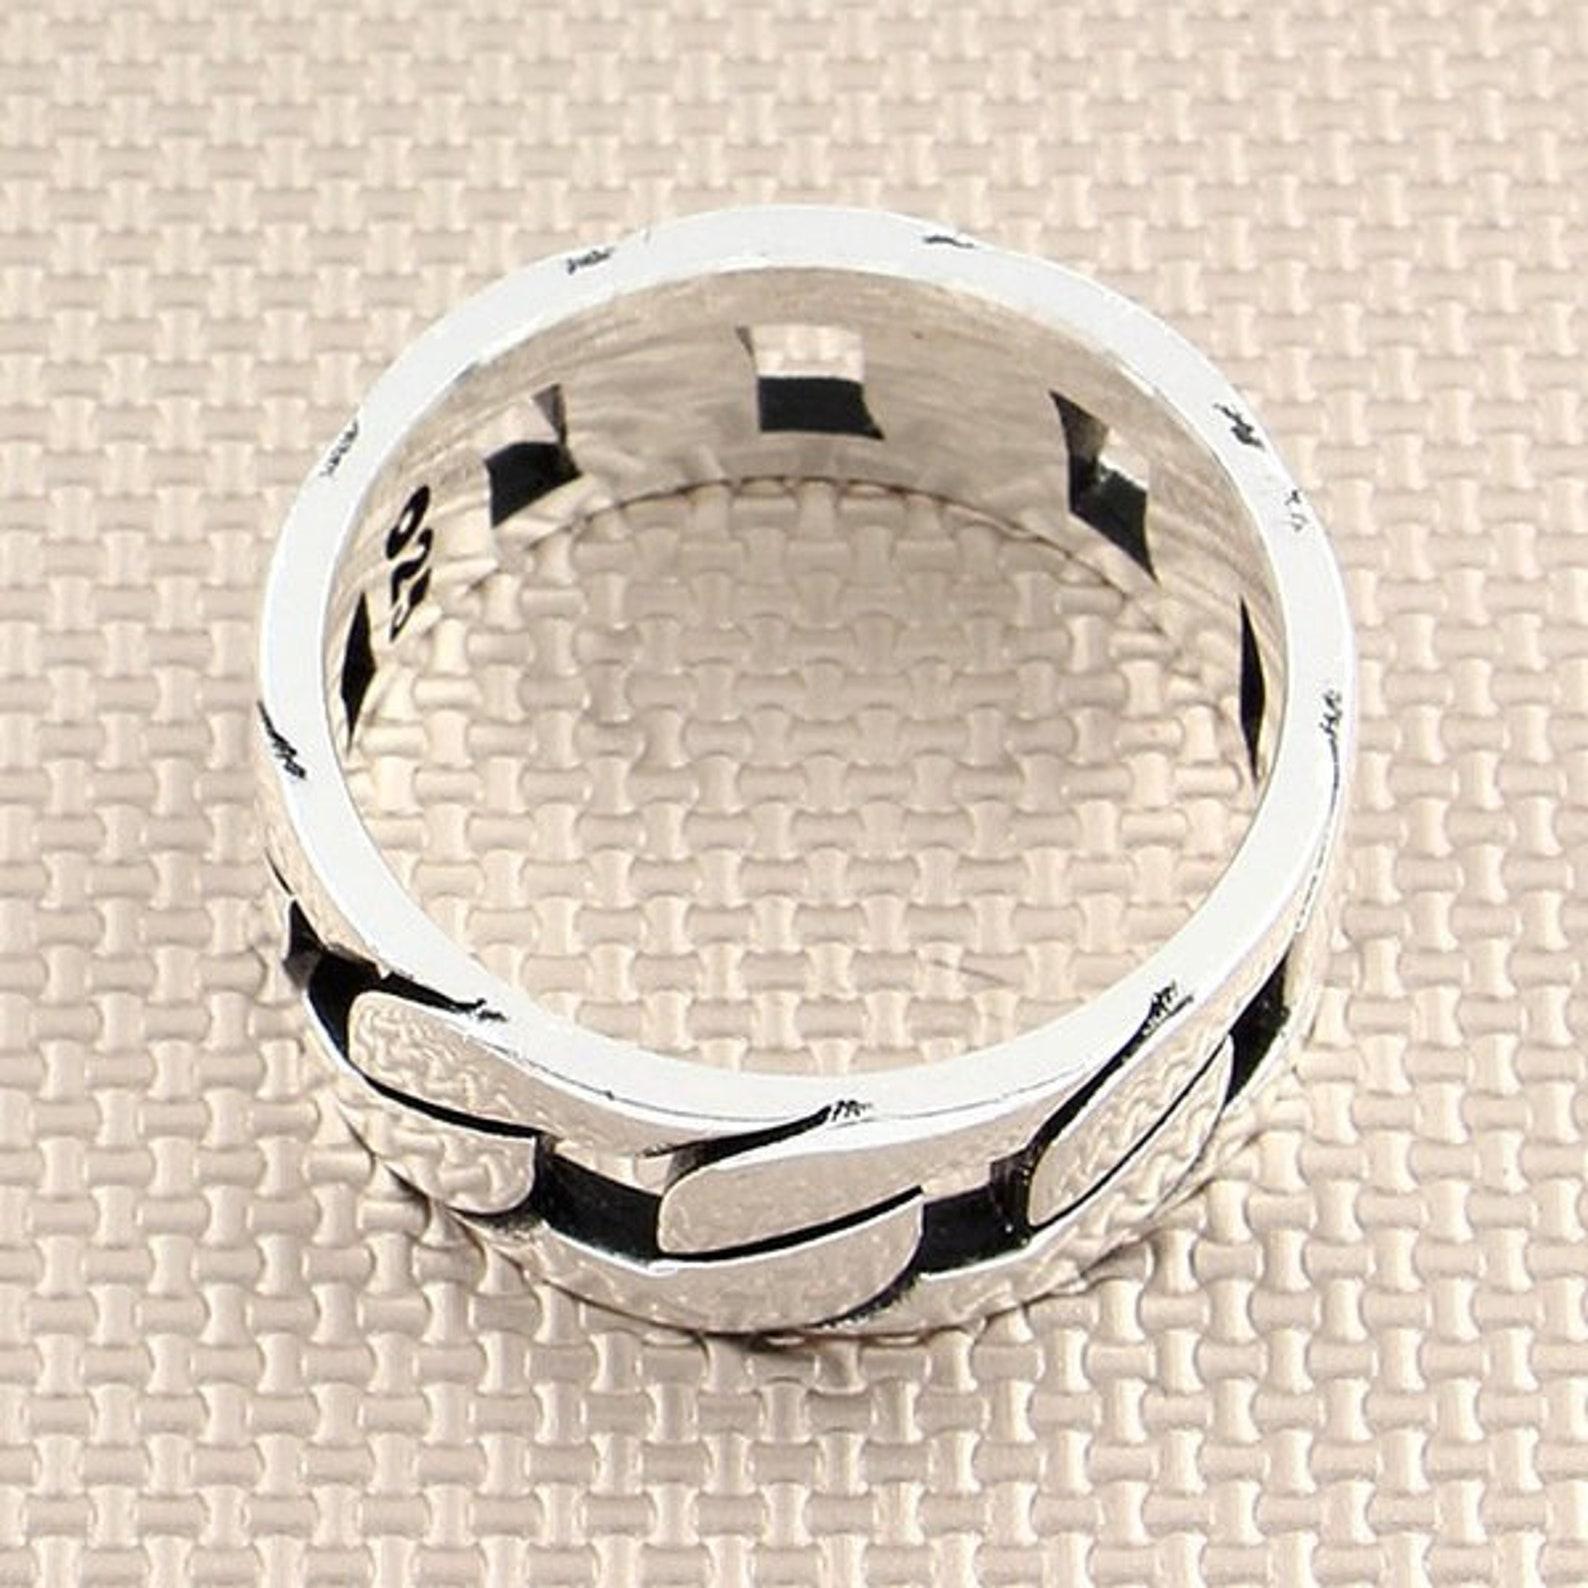 Kette Modell Ehering Versprechen Ring für ihn 925 Silber